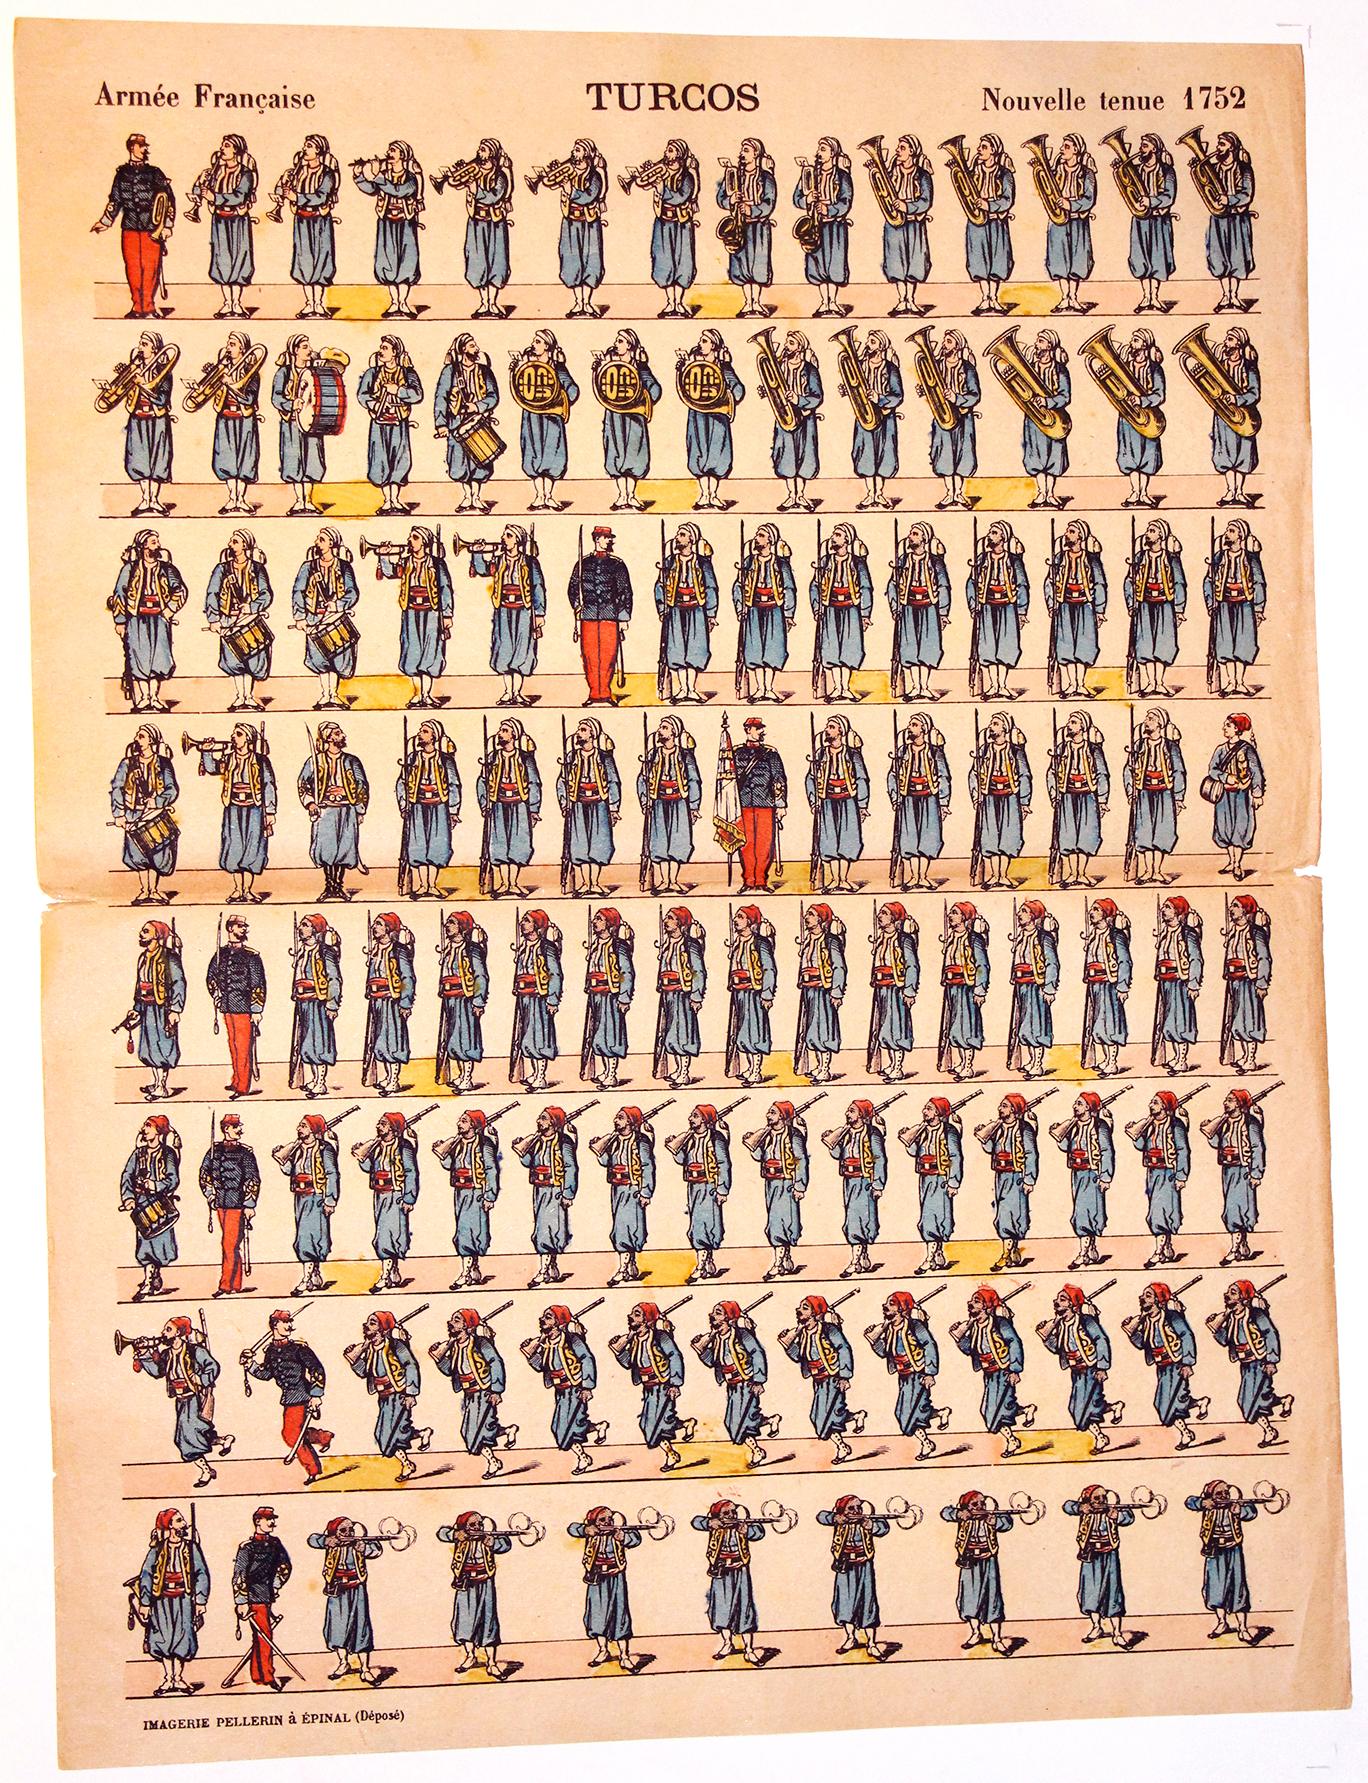 Planche imagerie Epinal - Pellerin Editeur - N°1752 - Turcos - Armée Française